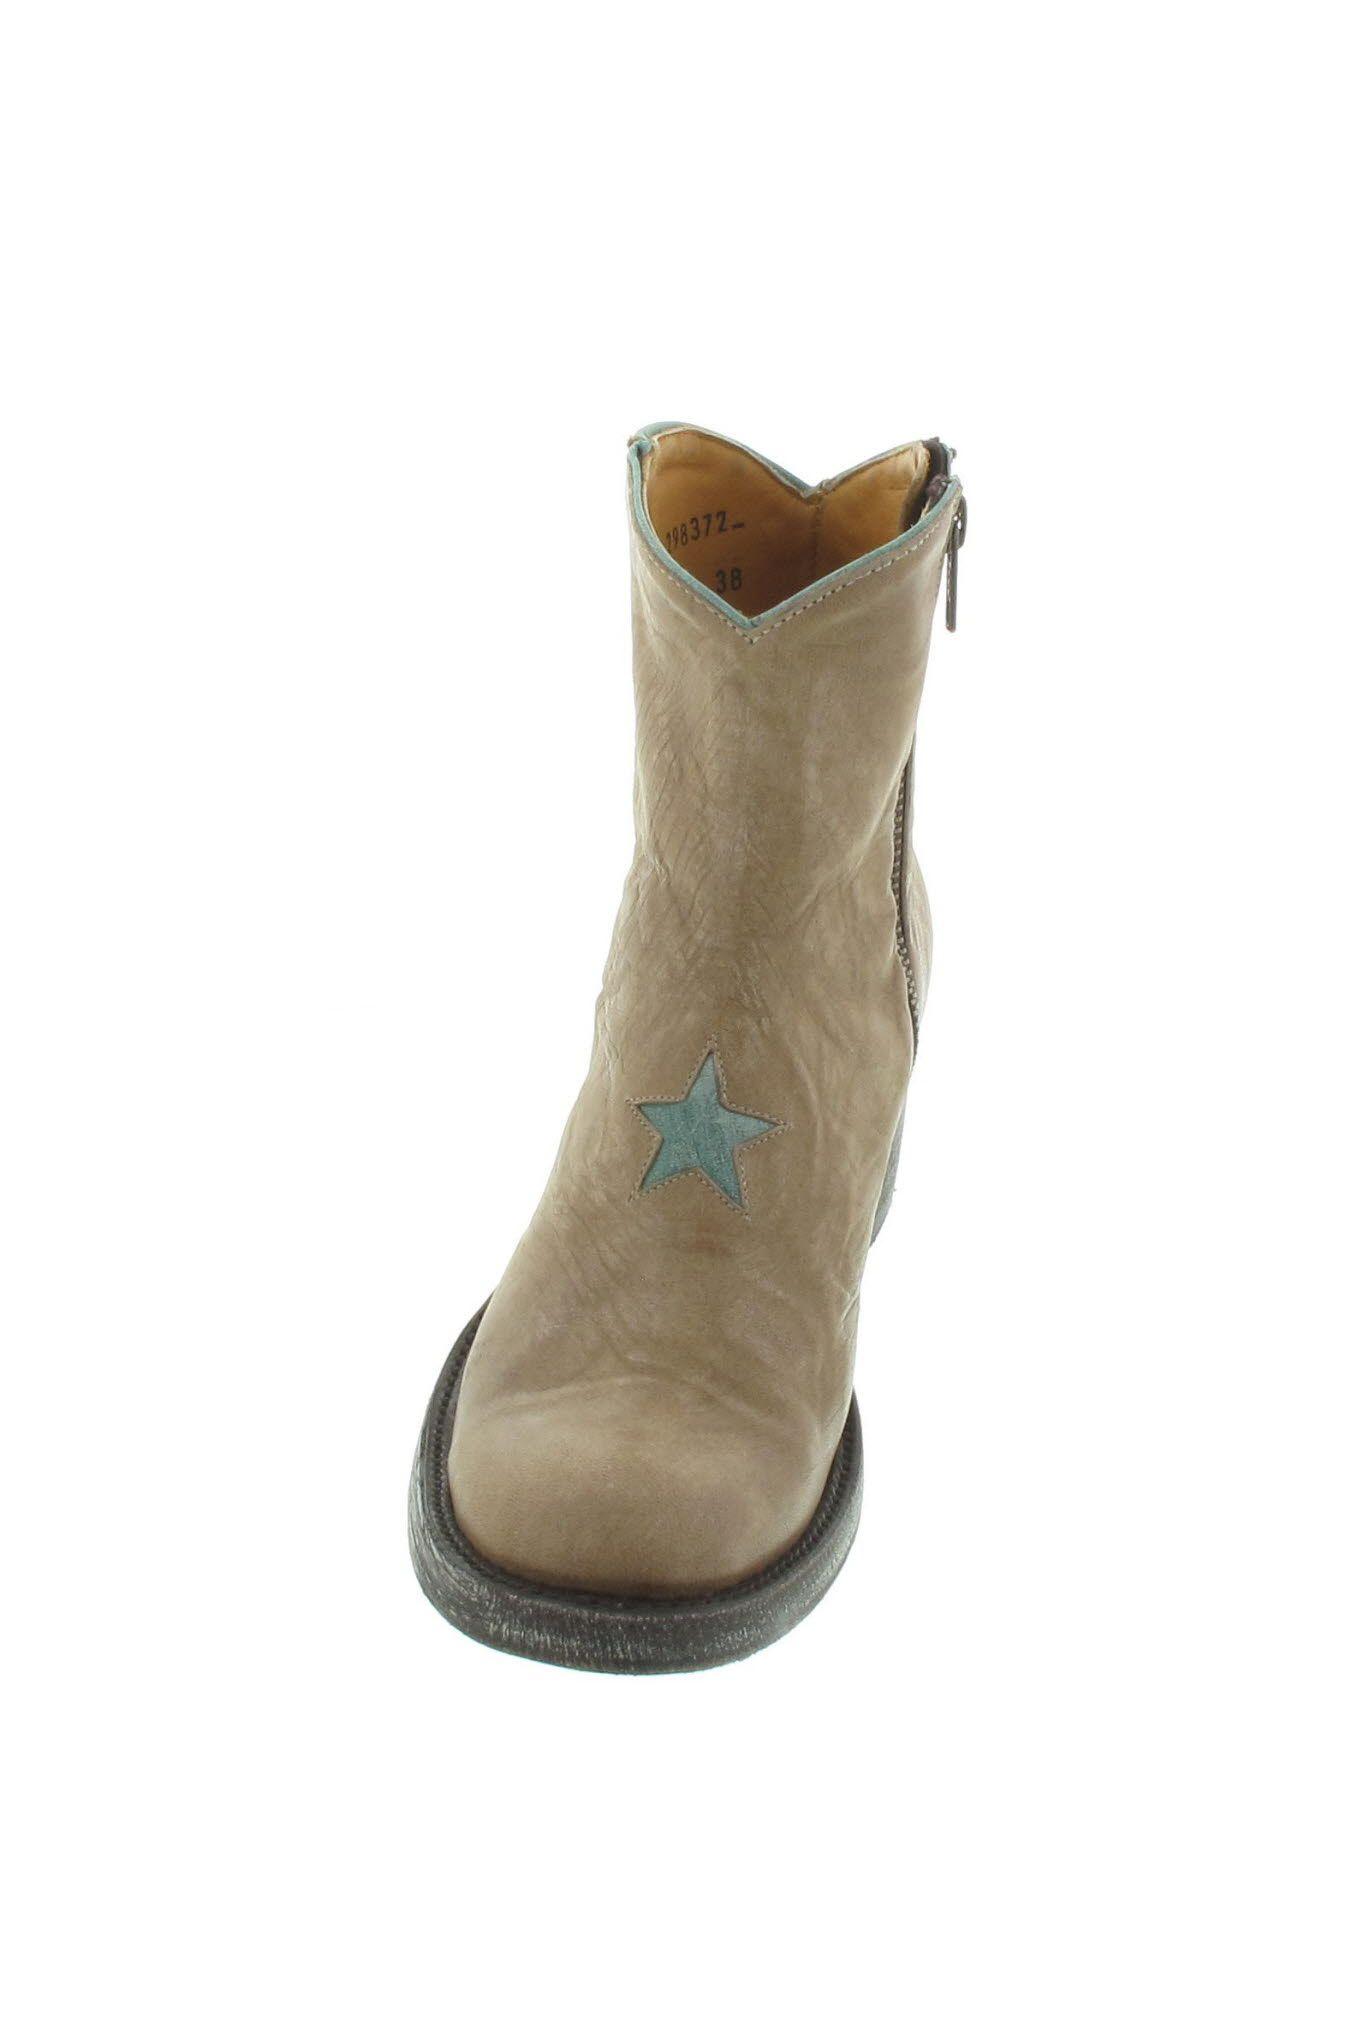 une autre chance comment acheter boutique officielle Mexicana / Boots star | Mes bottes mexicana | Bottes ...